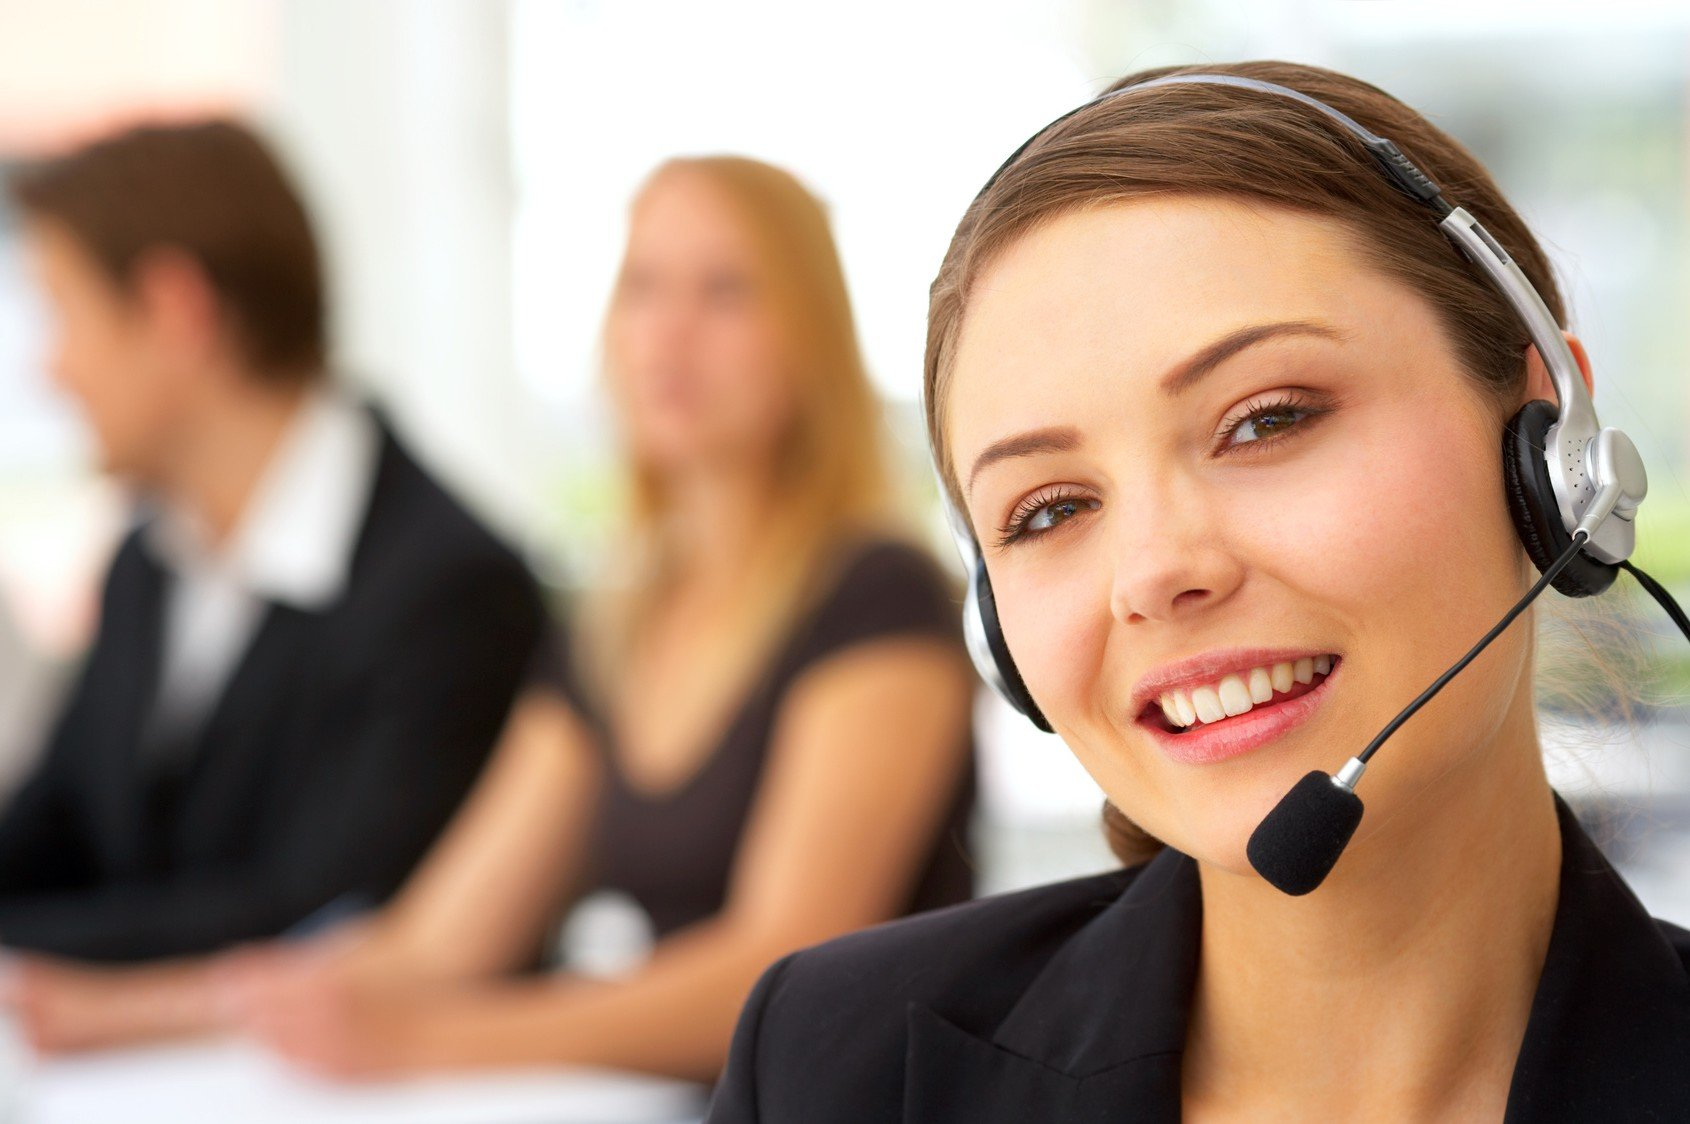 Telefonate moleste dai call center? Da oggi in vigore il codice etico